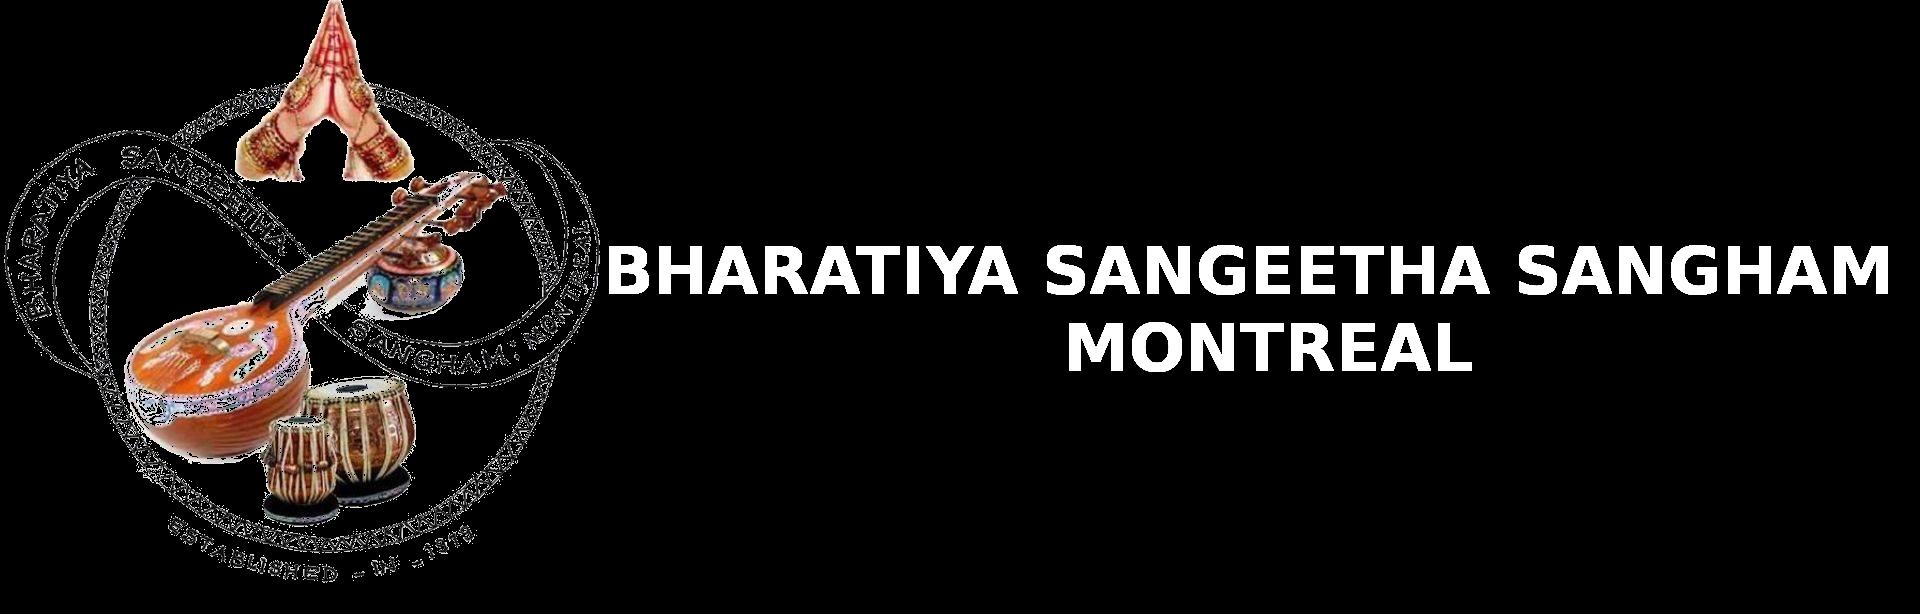 Bharatiya Sangeetha Sangham Montreal